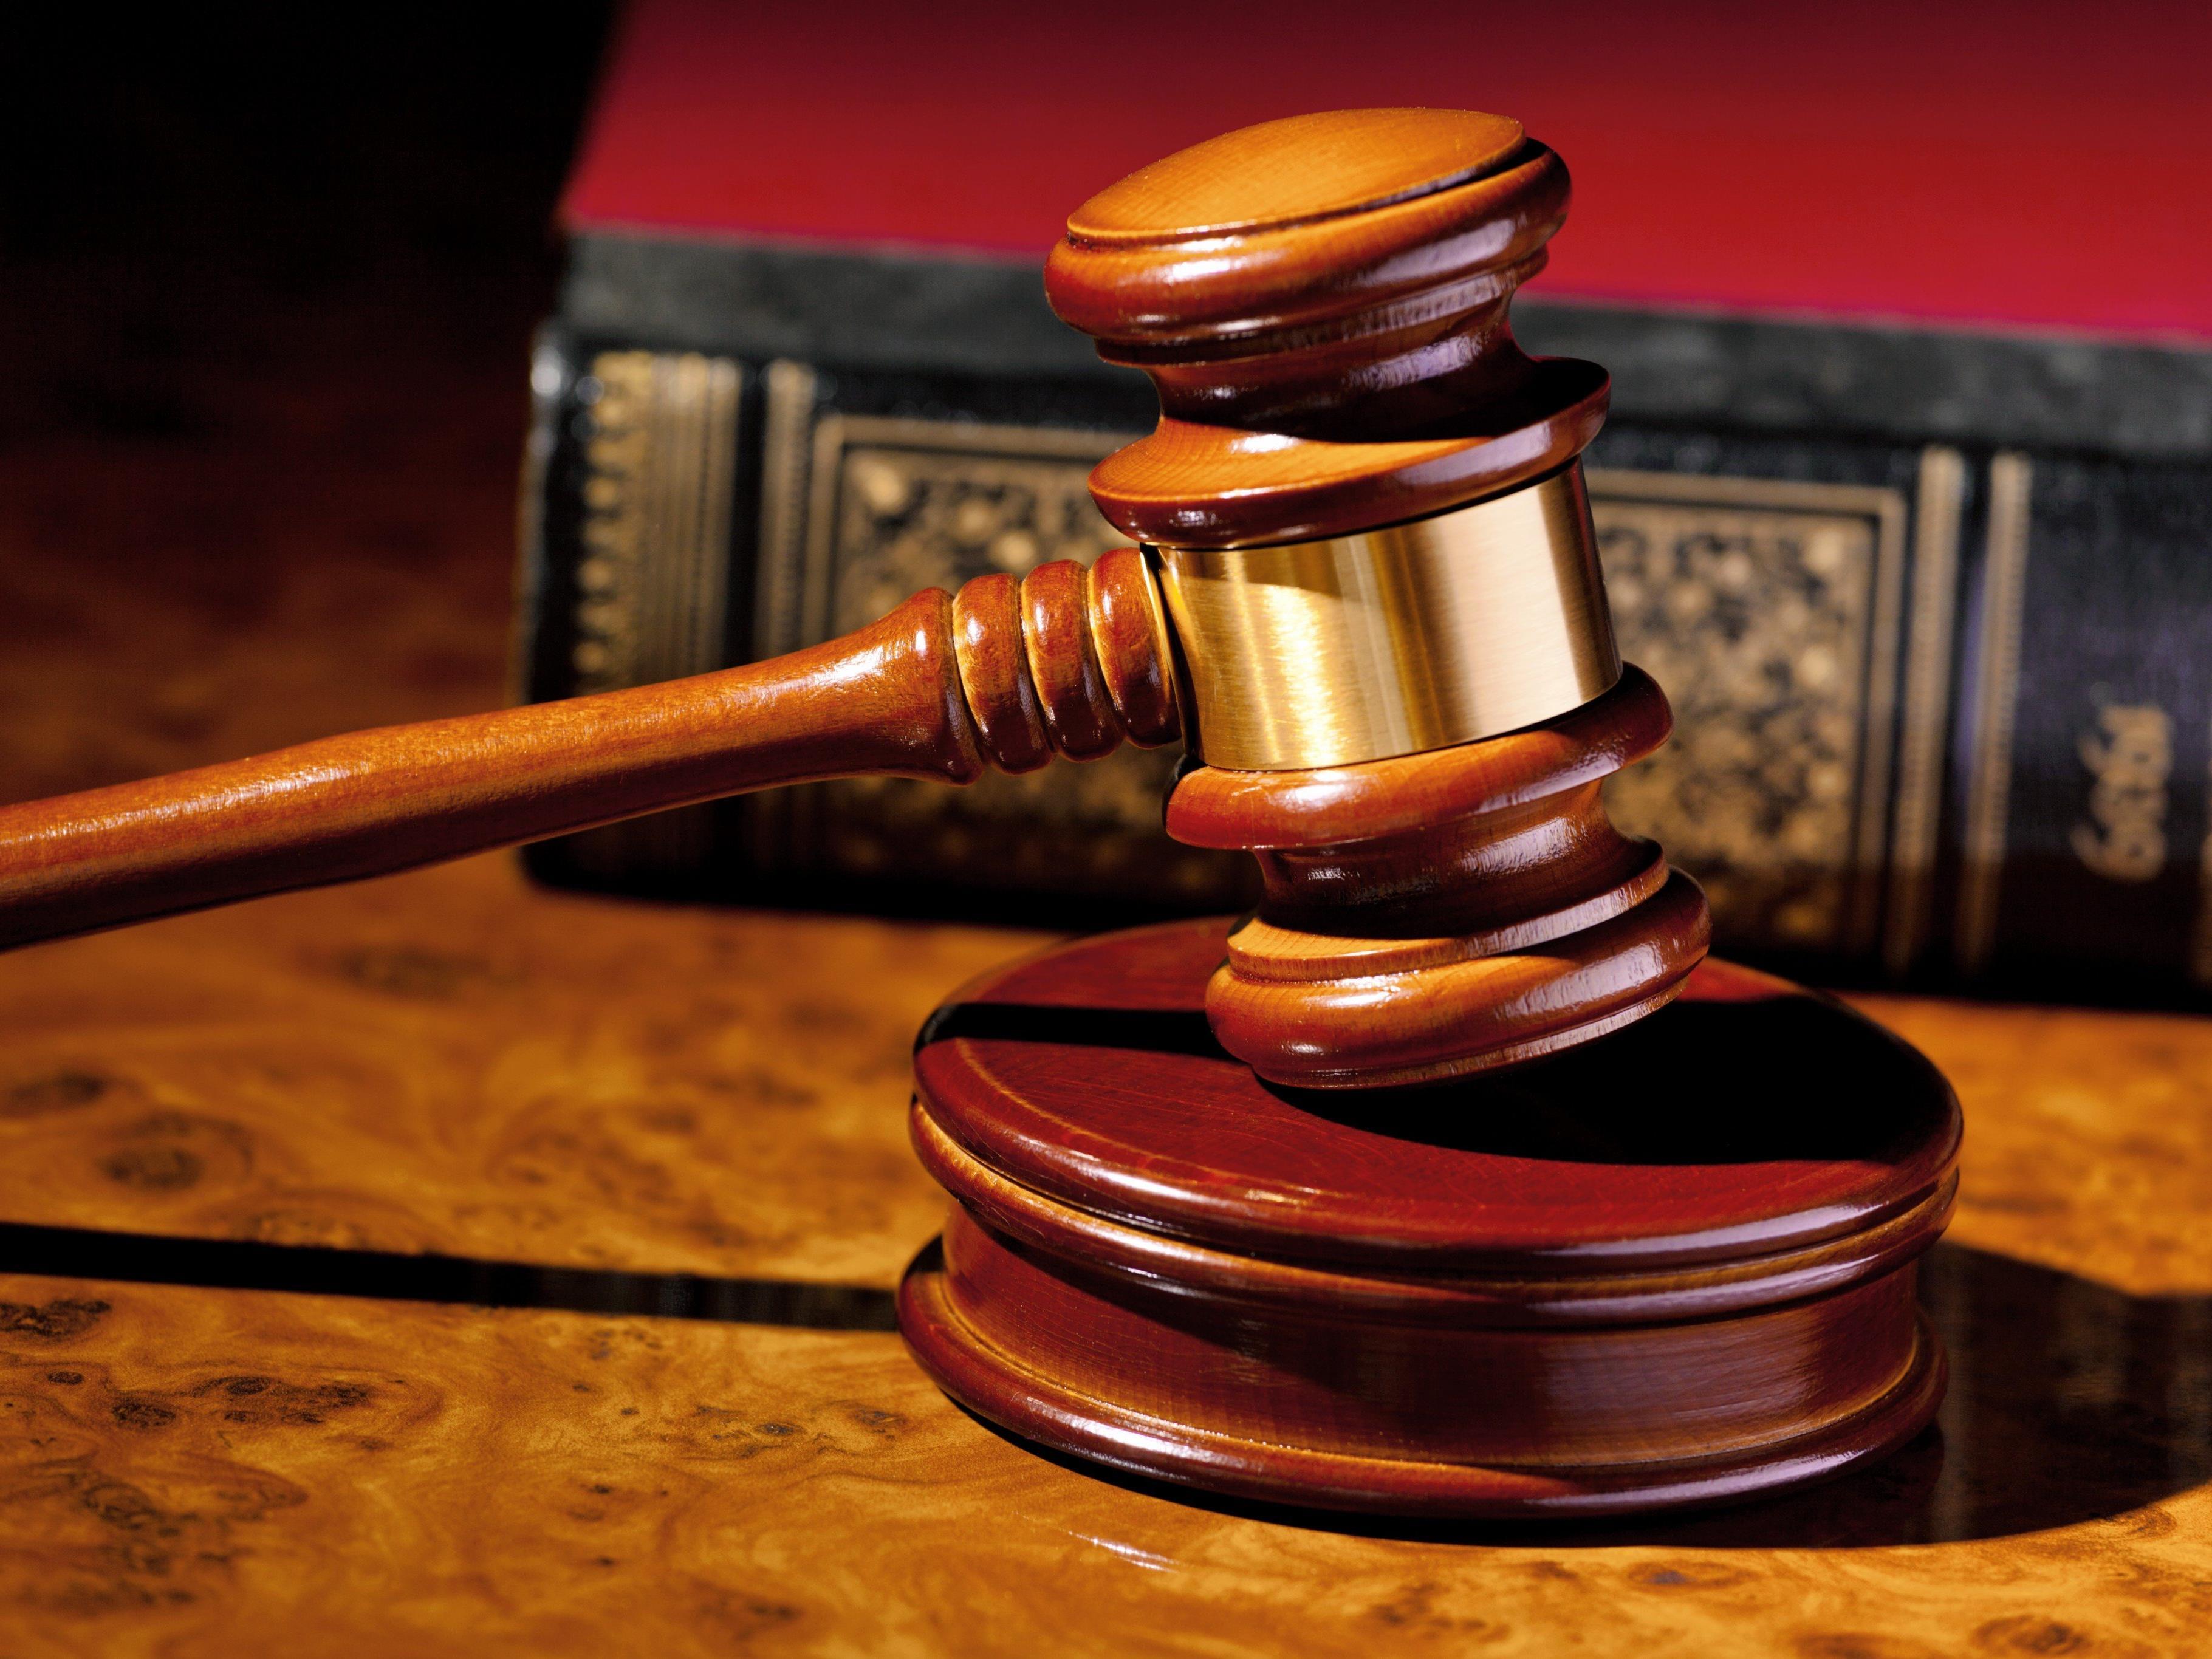 Der 57-jährige Einbrecher hatte Glück, dass er trotz seiner bereits 18. Verurteilung nicht wieder ins Gefängnis muss.